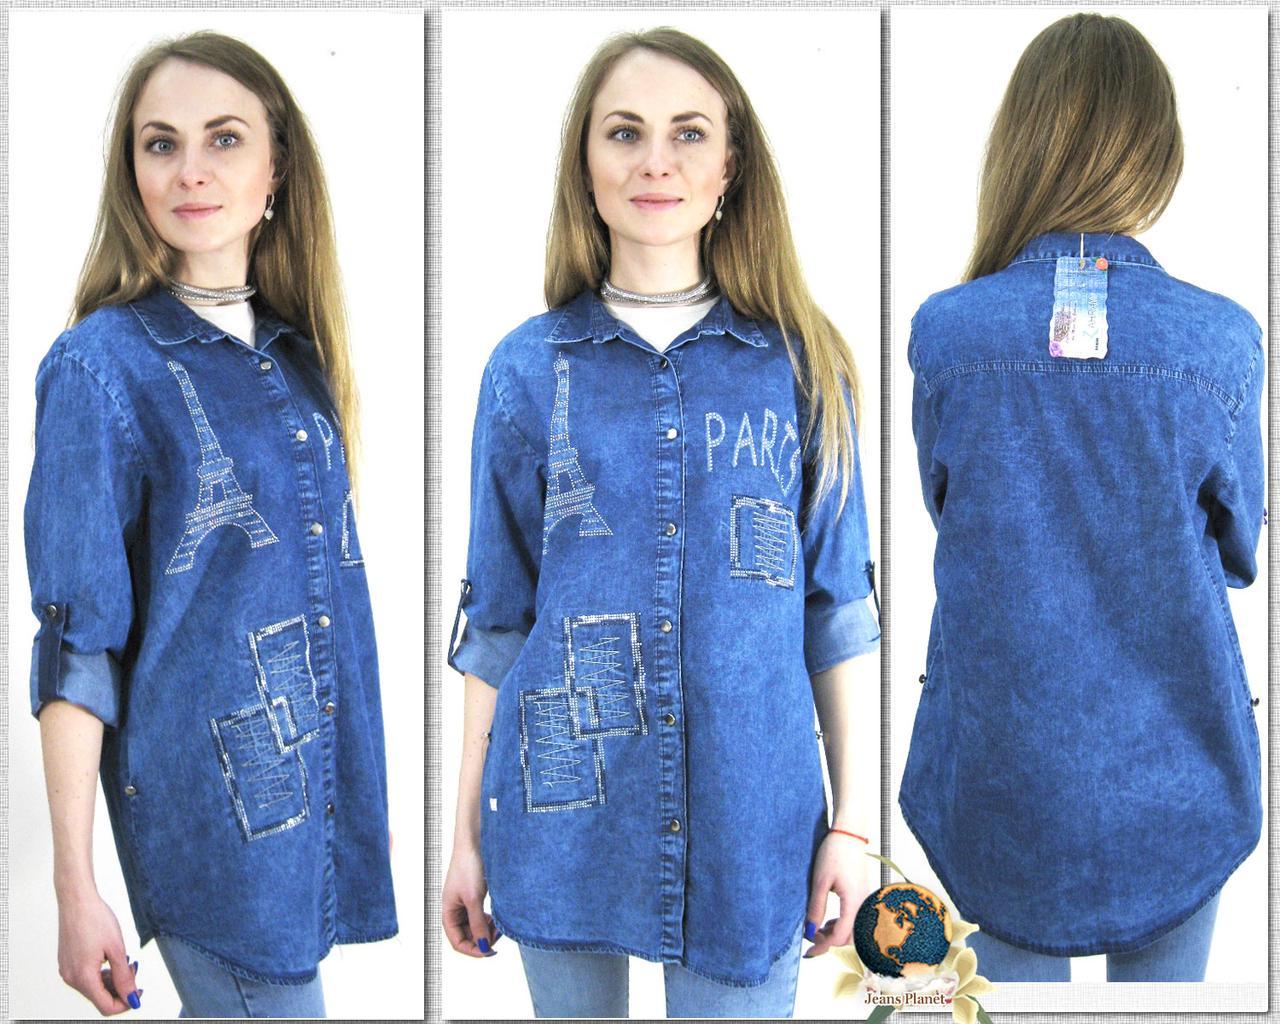 Модная женская джинсовая рубашка-туника батального размера Paris